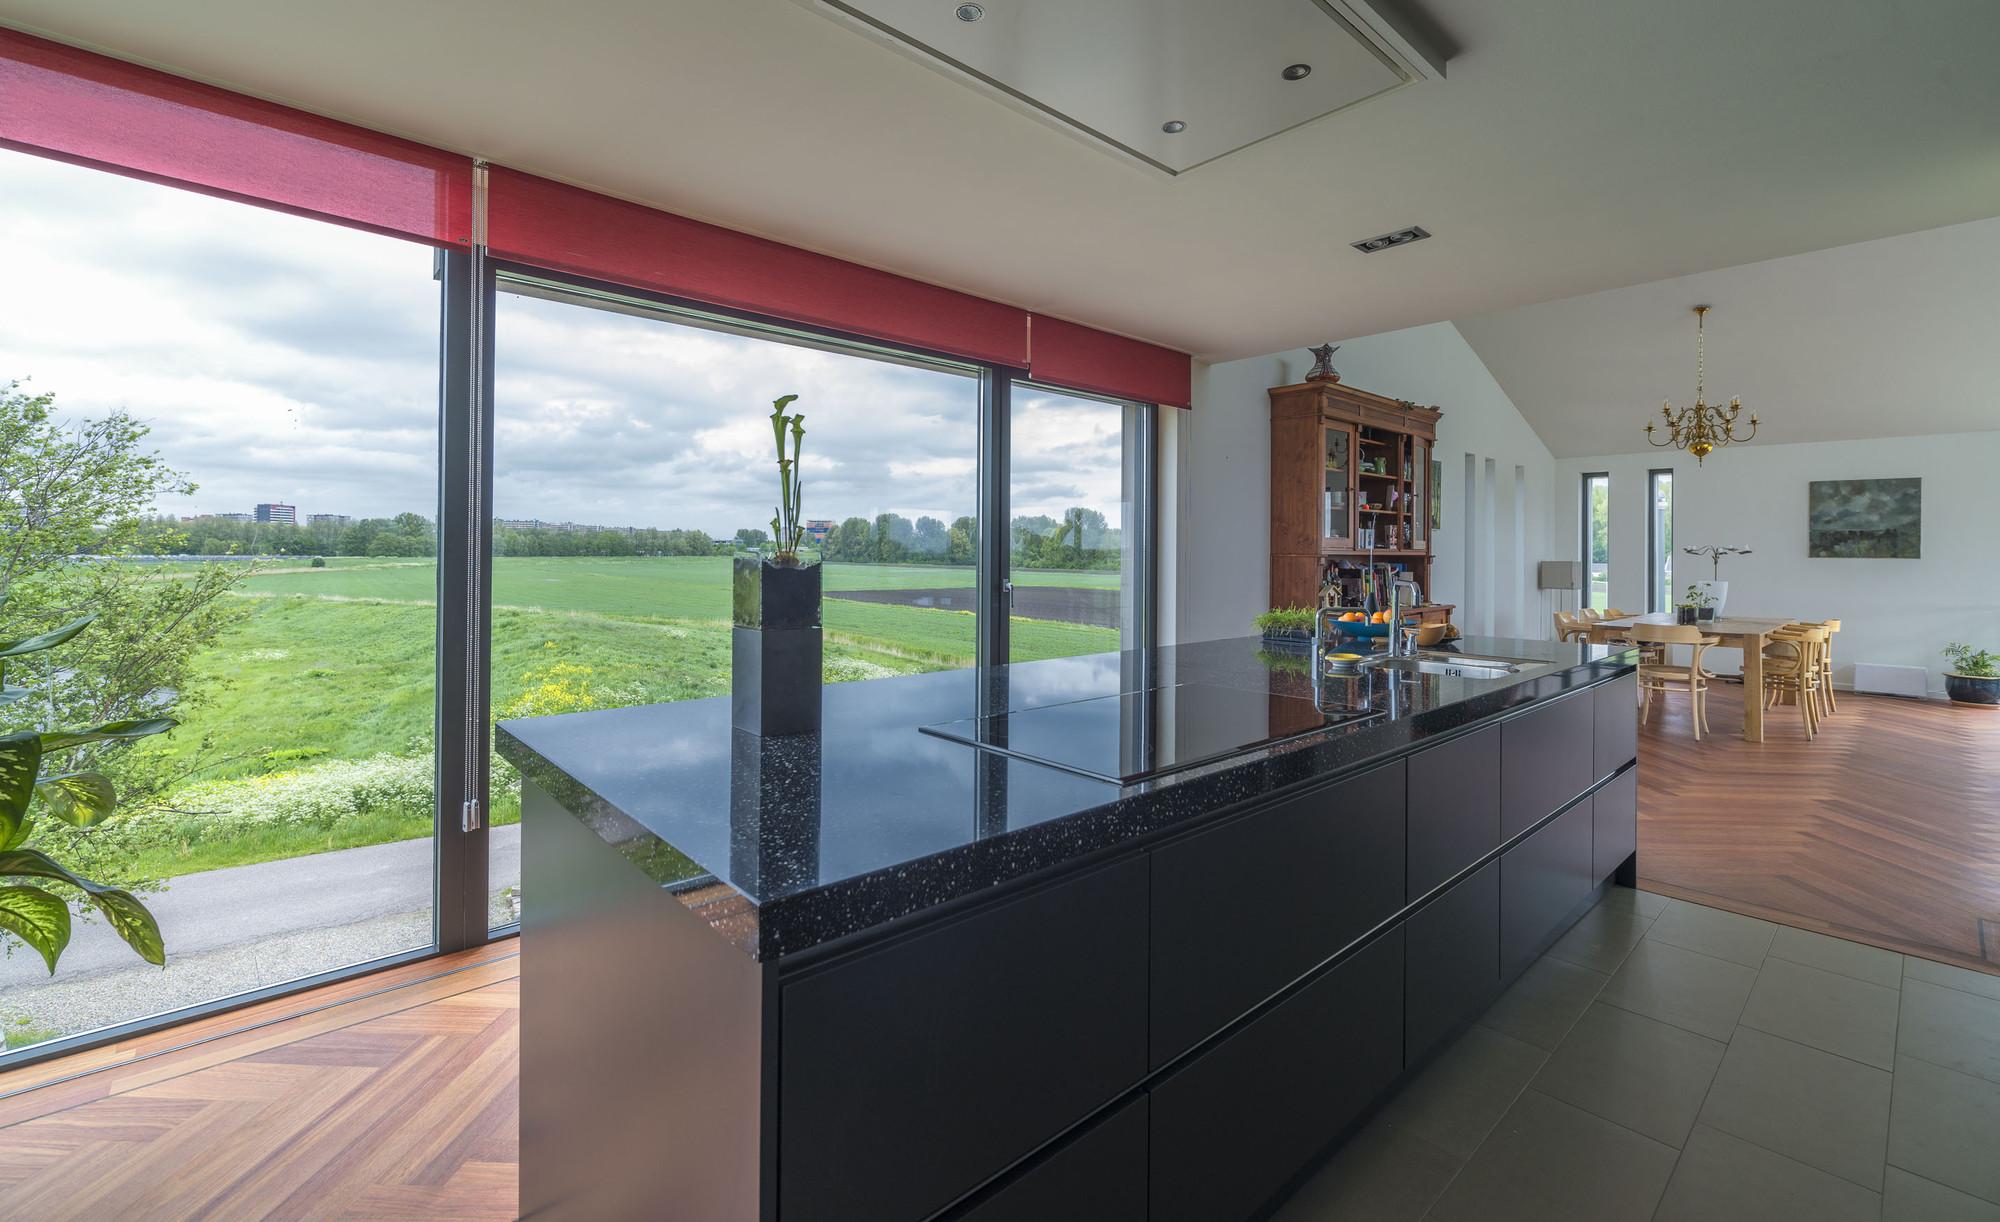 Lutkemeerweg / MAS architectuur